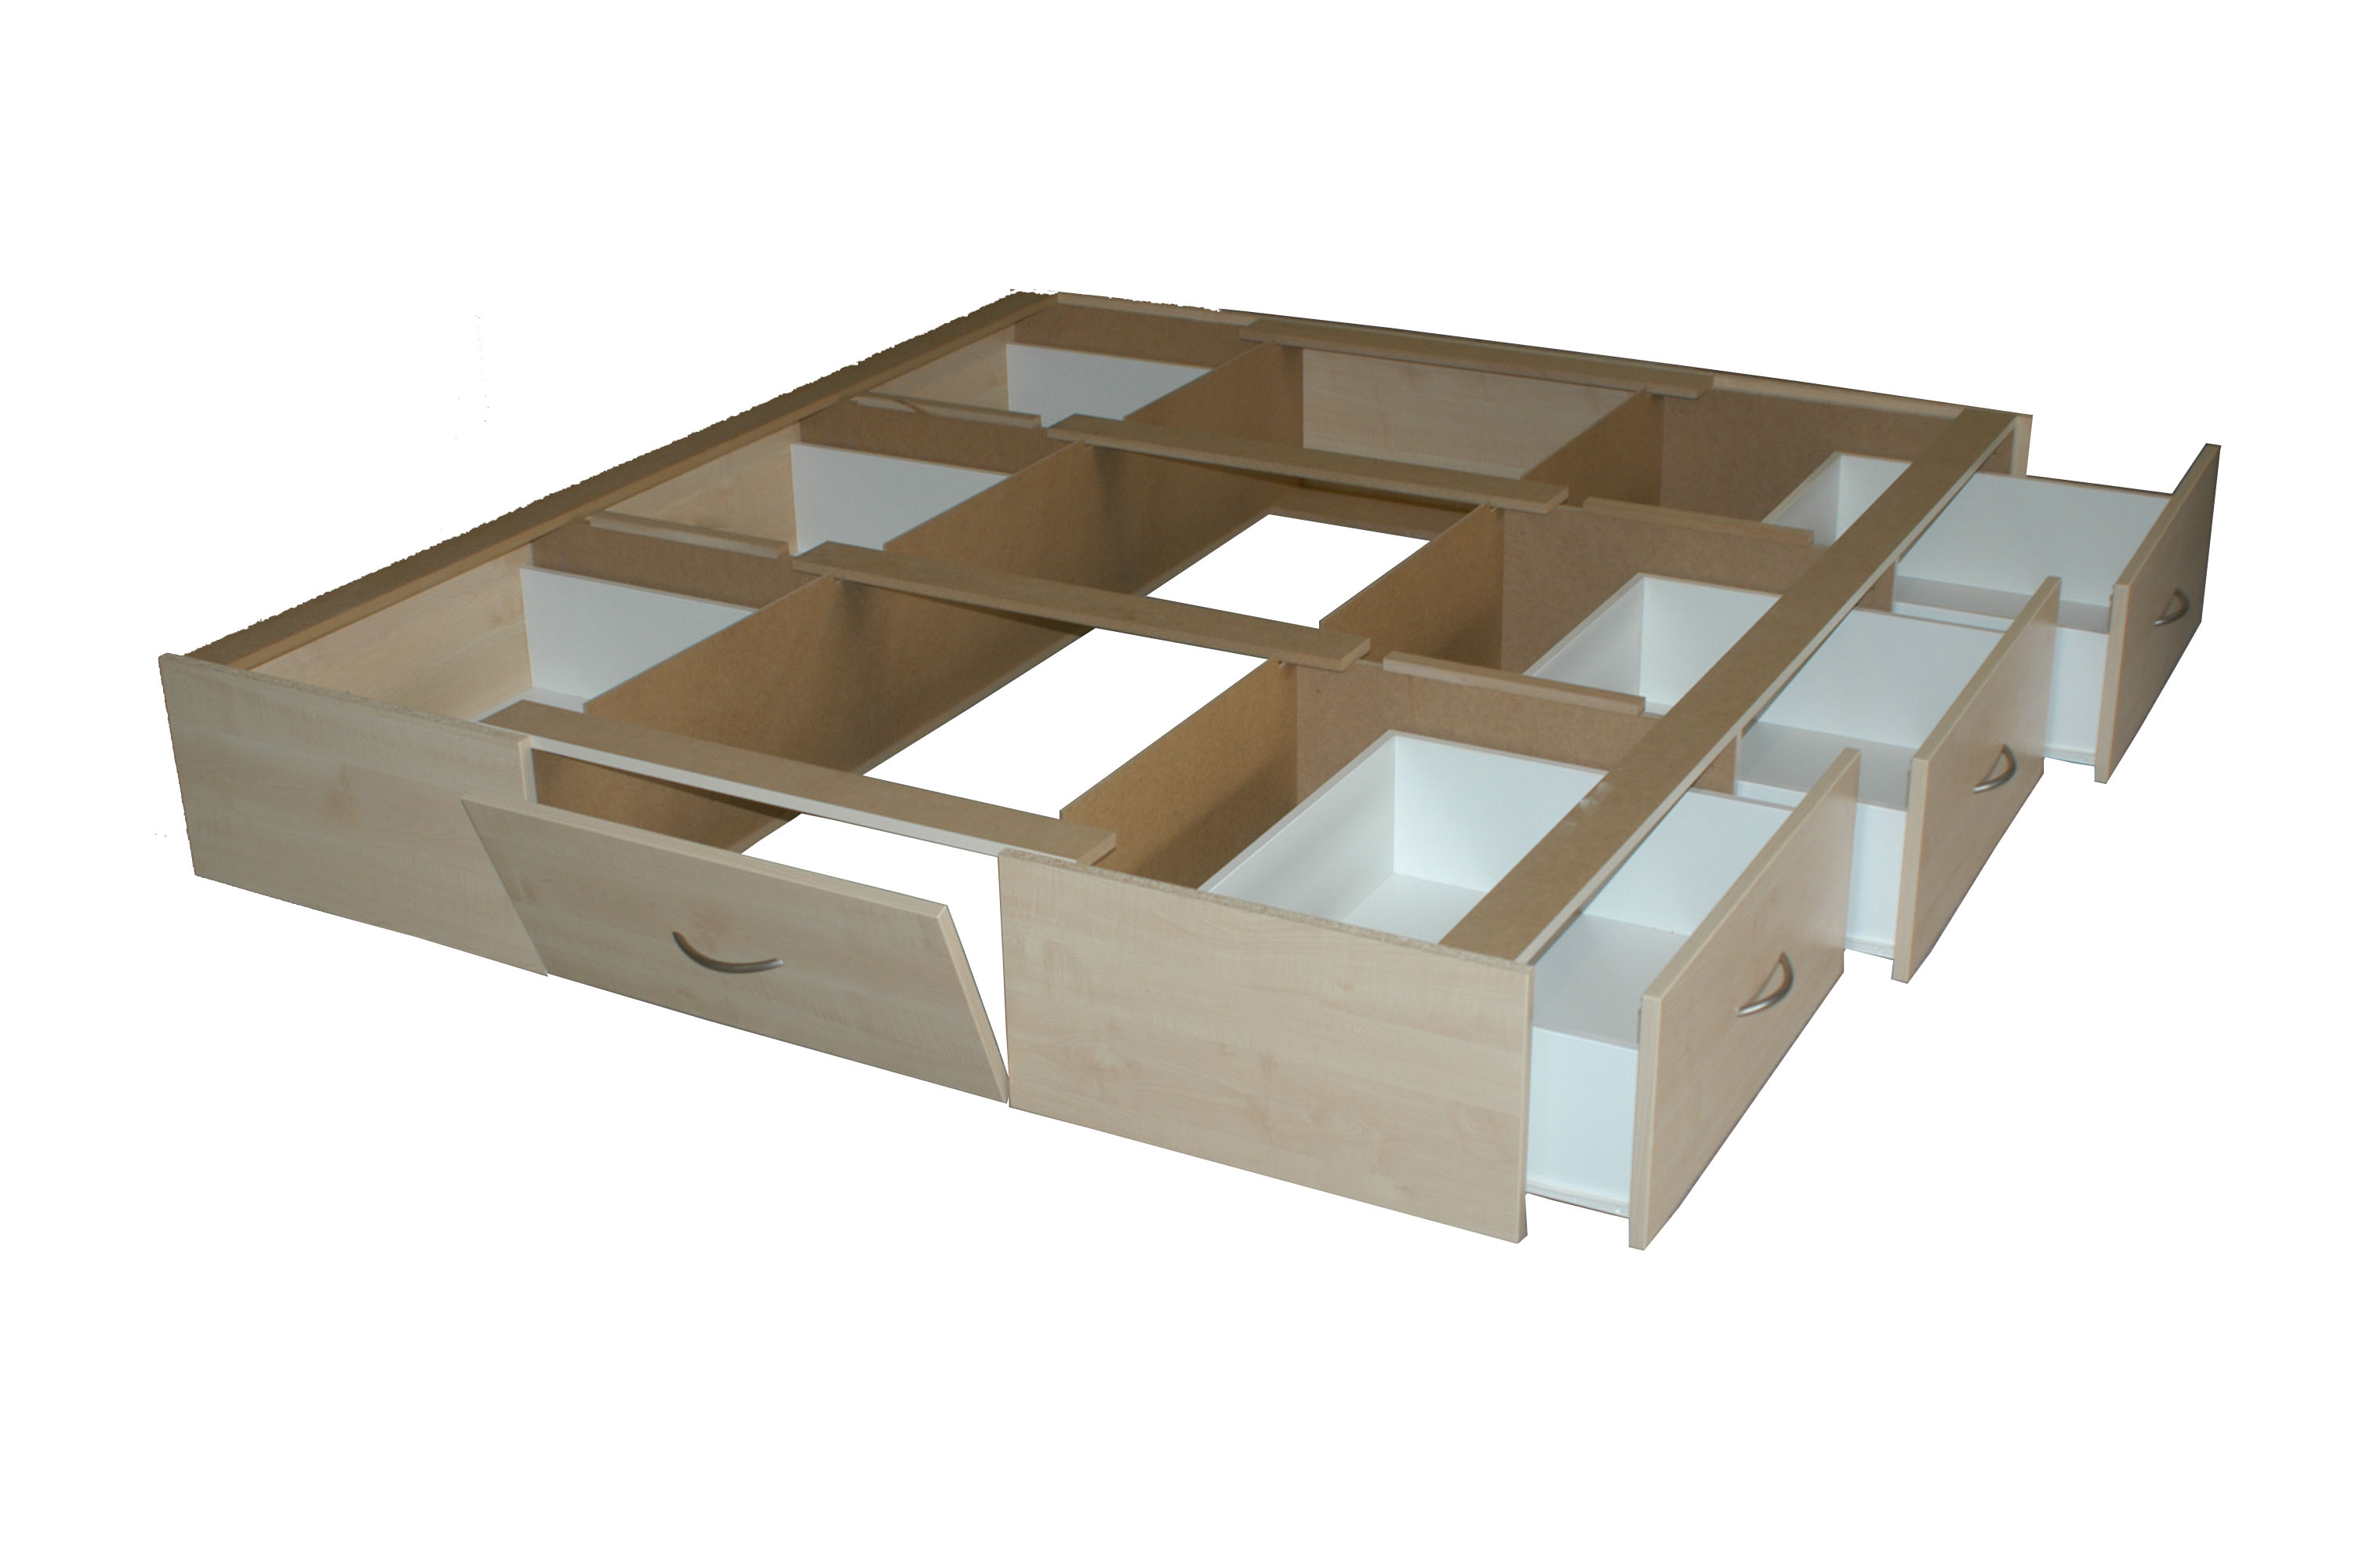 wasserbett dual mit 6 schubladensockel bettrahmen kopfteil inkl montage. Black Bedroom Furniture Sets. Home Design Ideas